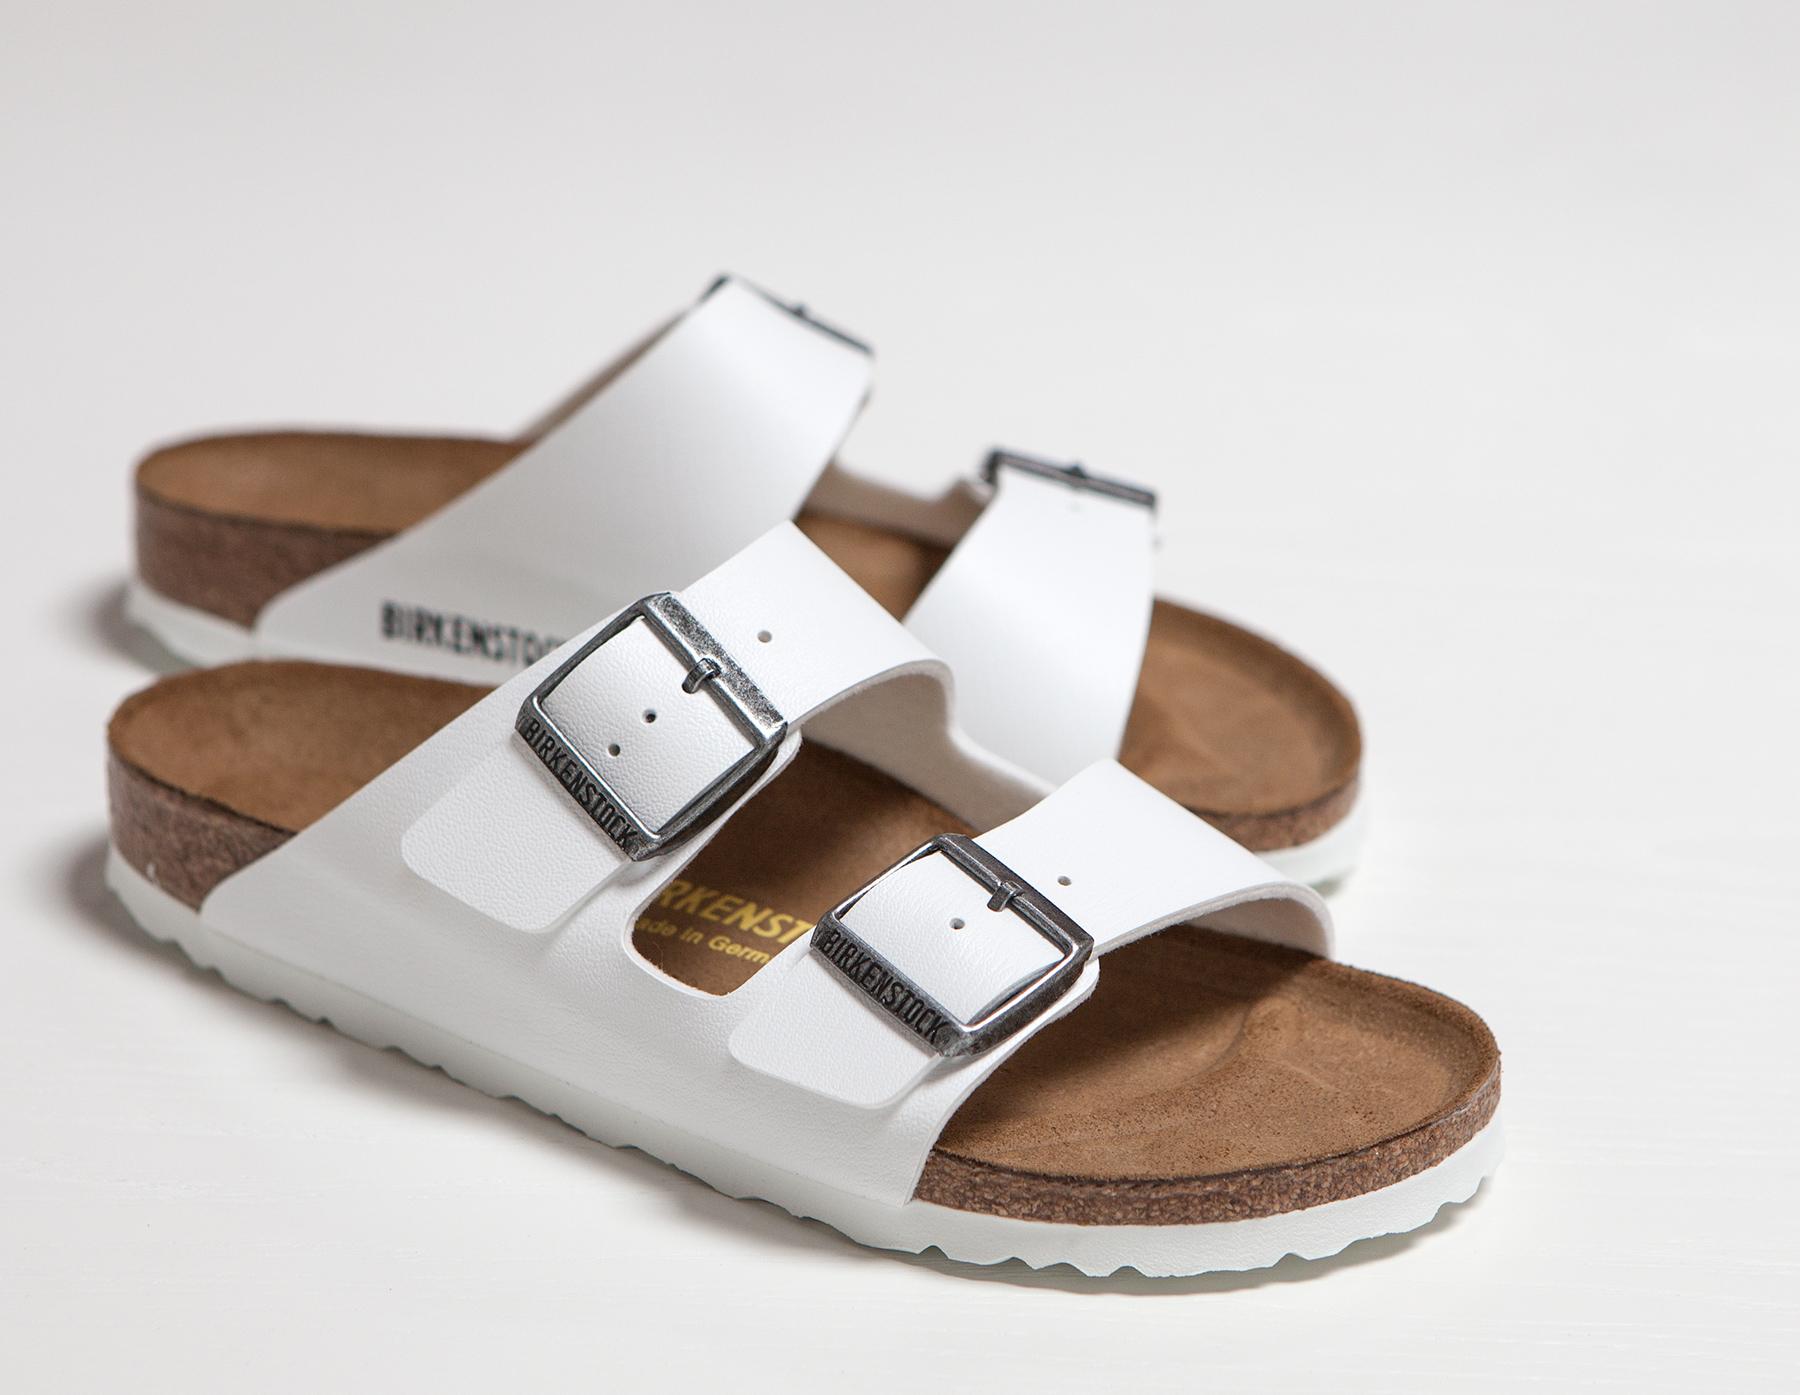 Leather Sandals For Men: Birkenstock